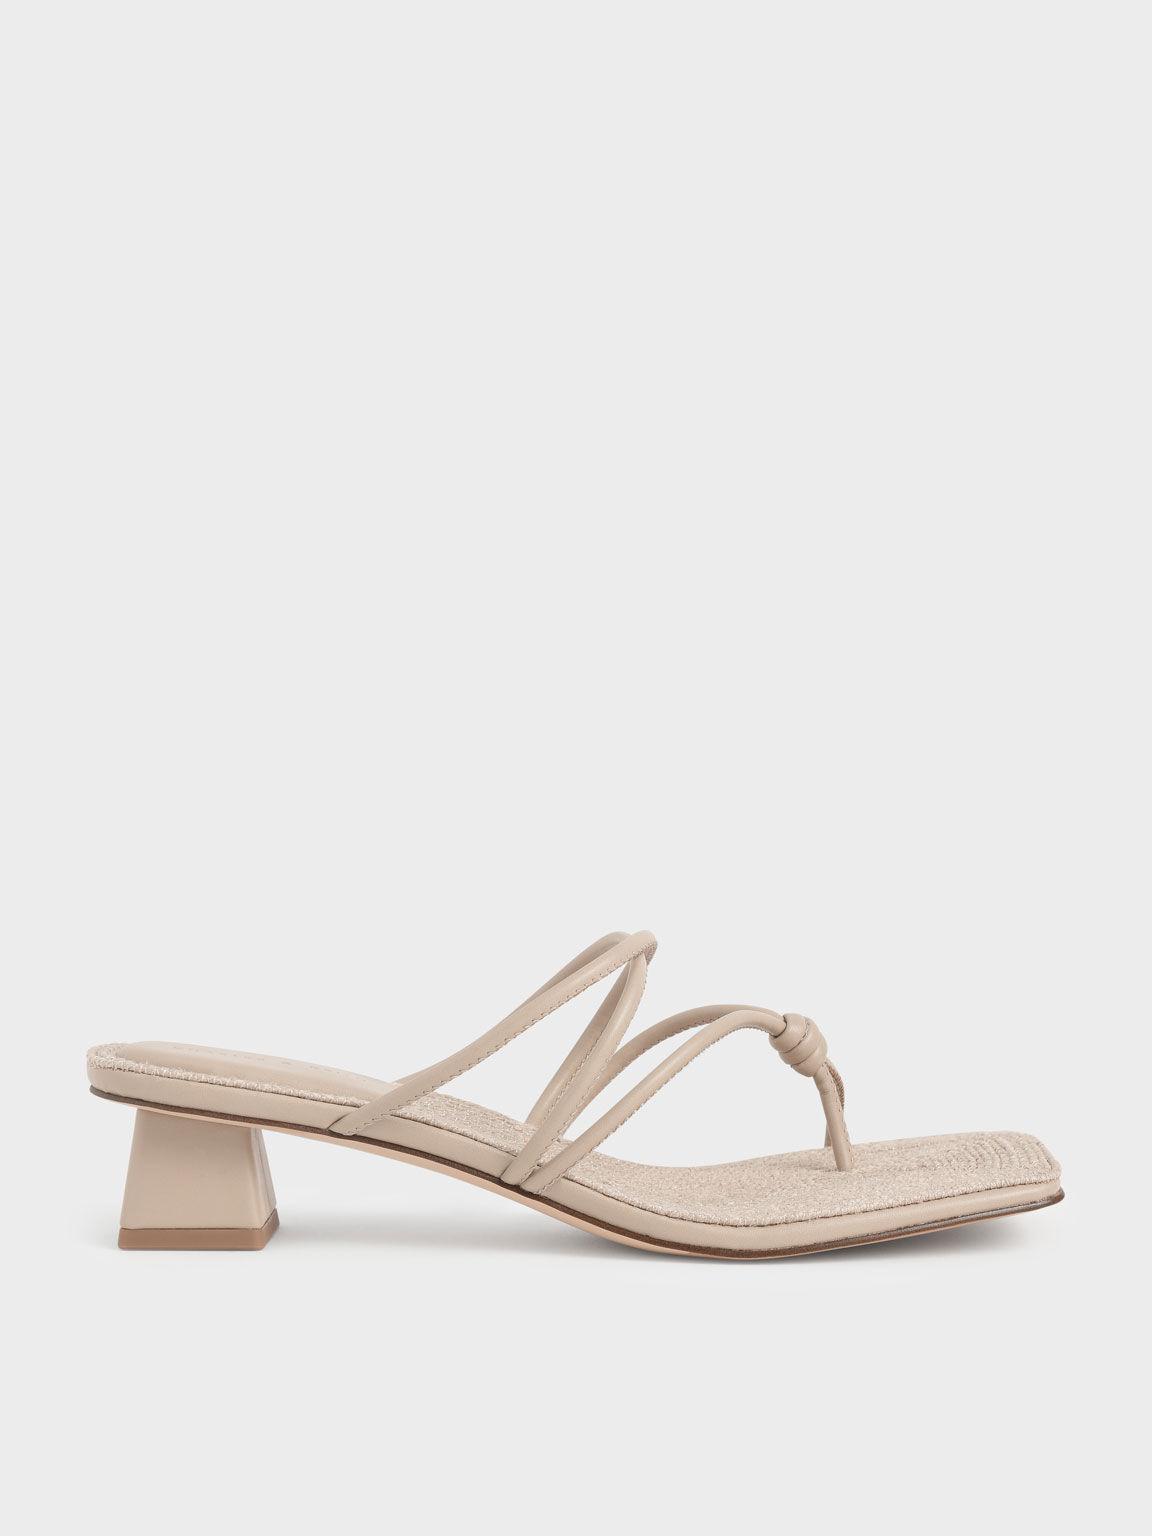 Toe Loop Strappy Heeled Sandals, Beige, hi-res